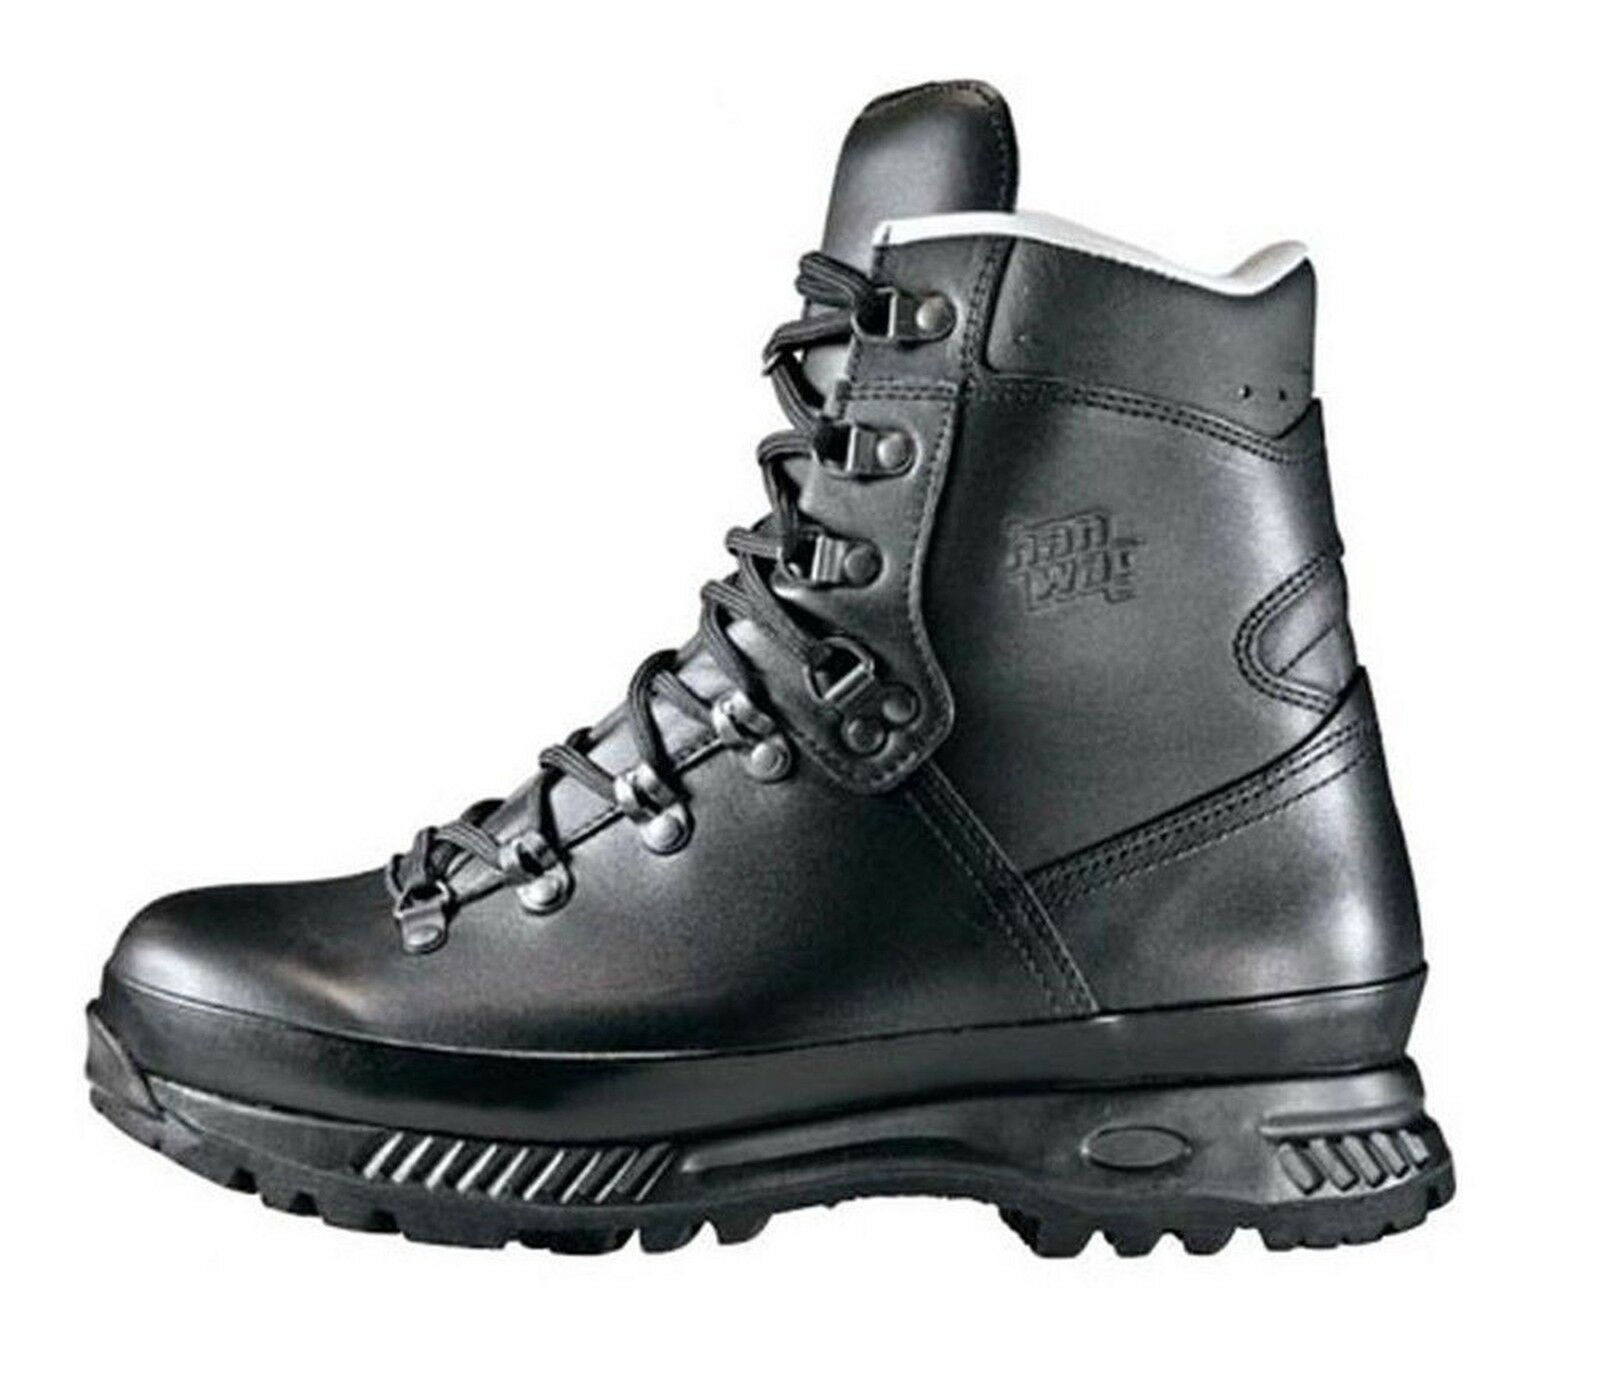 Militär und Sicherheitsdienst HANWAG Special Force LX Größe 8 - 42 schwarz